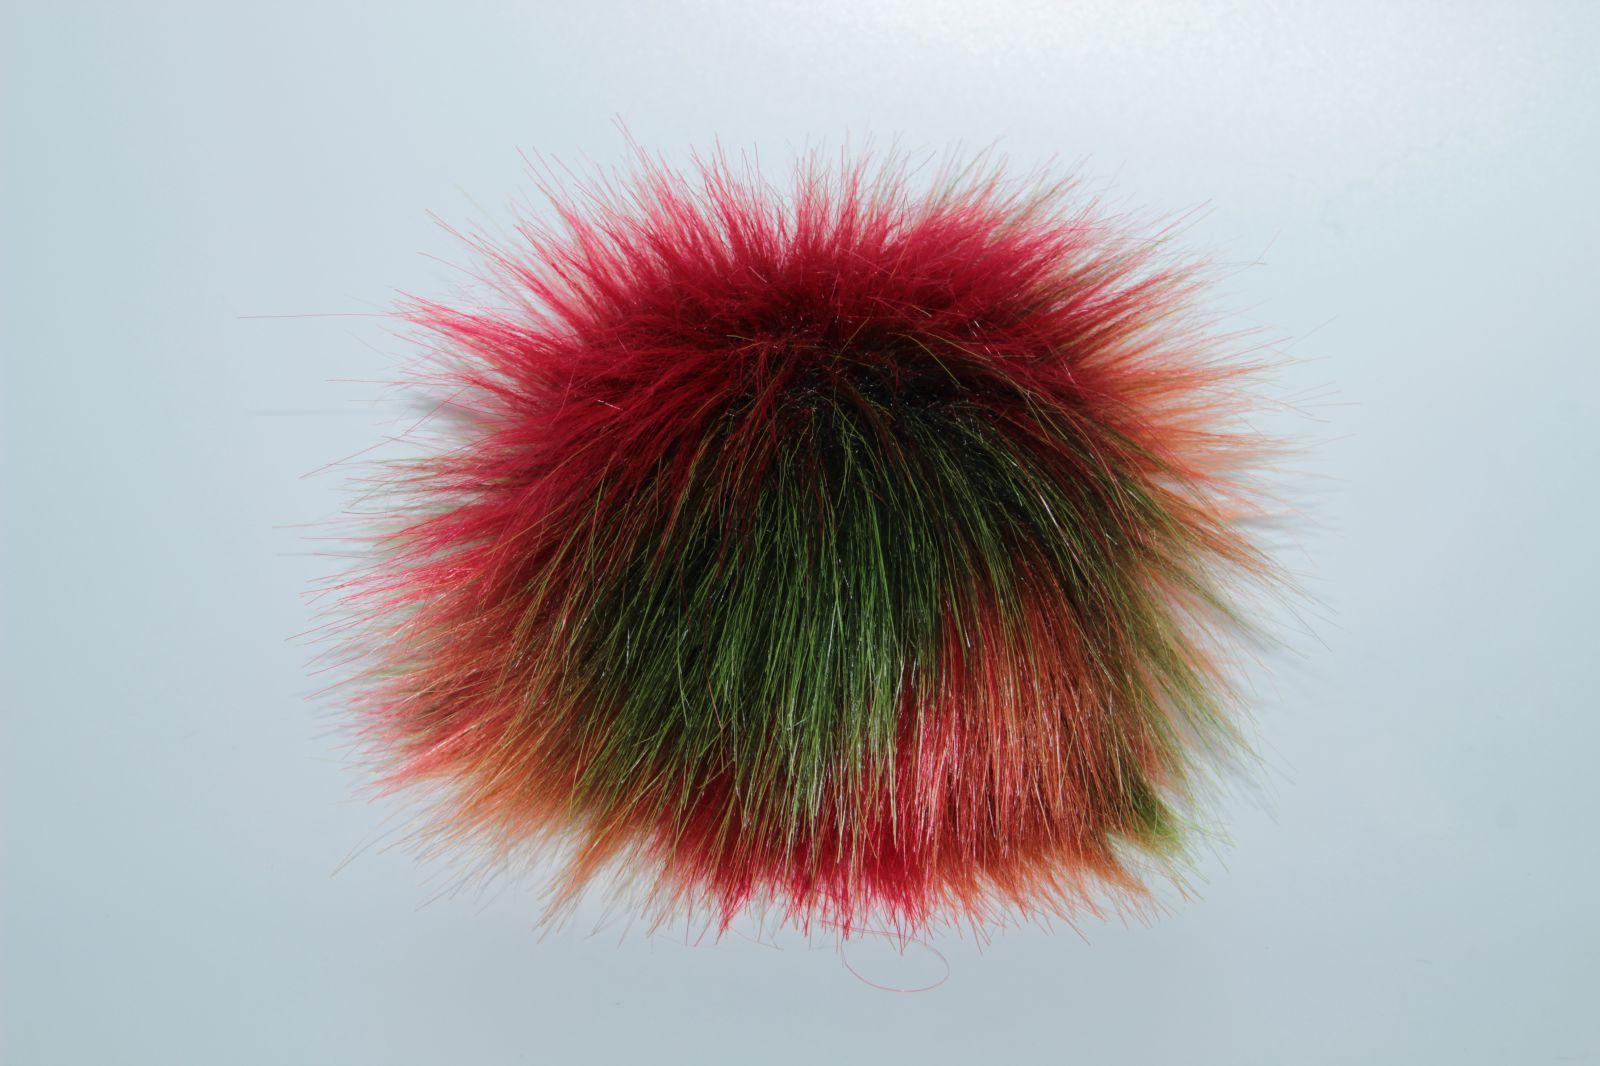 Bambule umělá kožešina 8cm s poutkem a kroužkem oranžovo-zeleno-červená